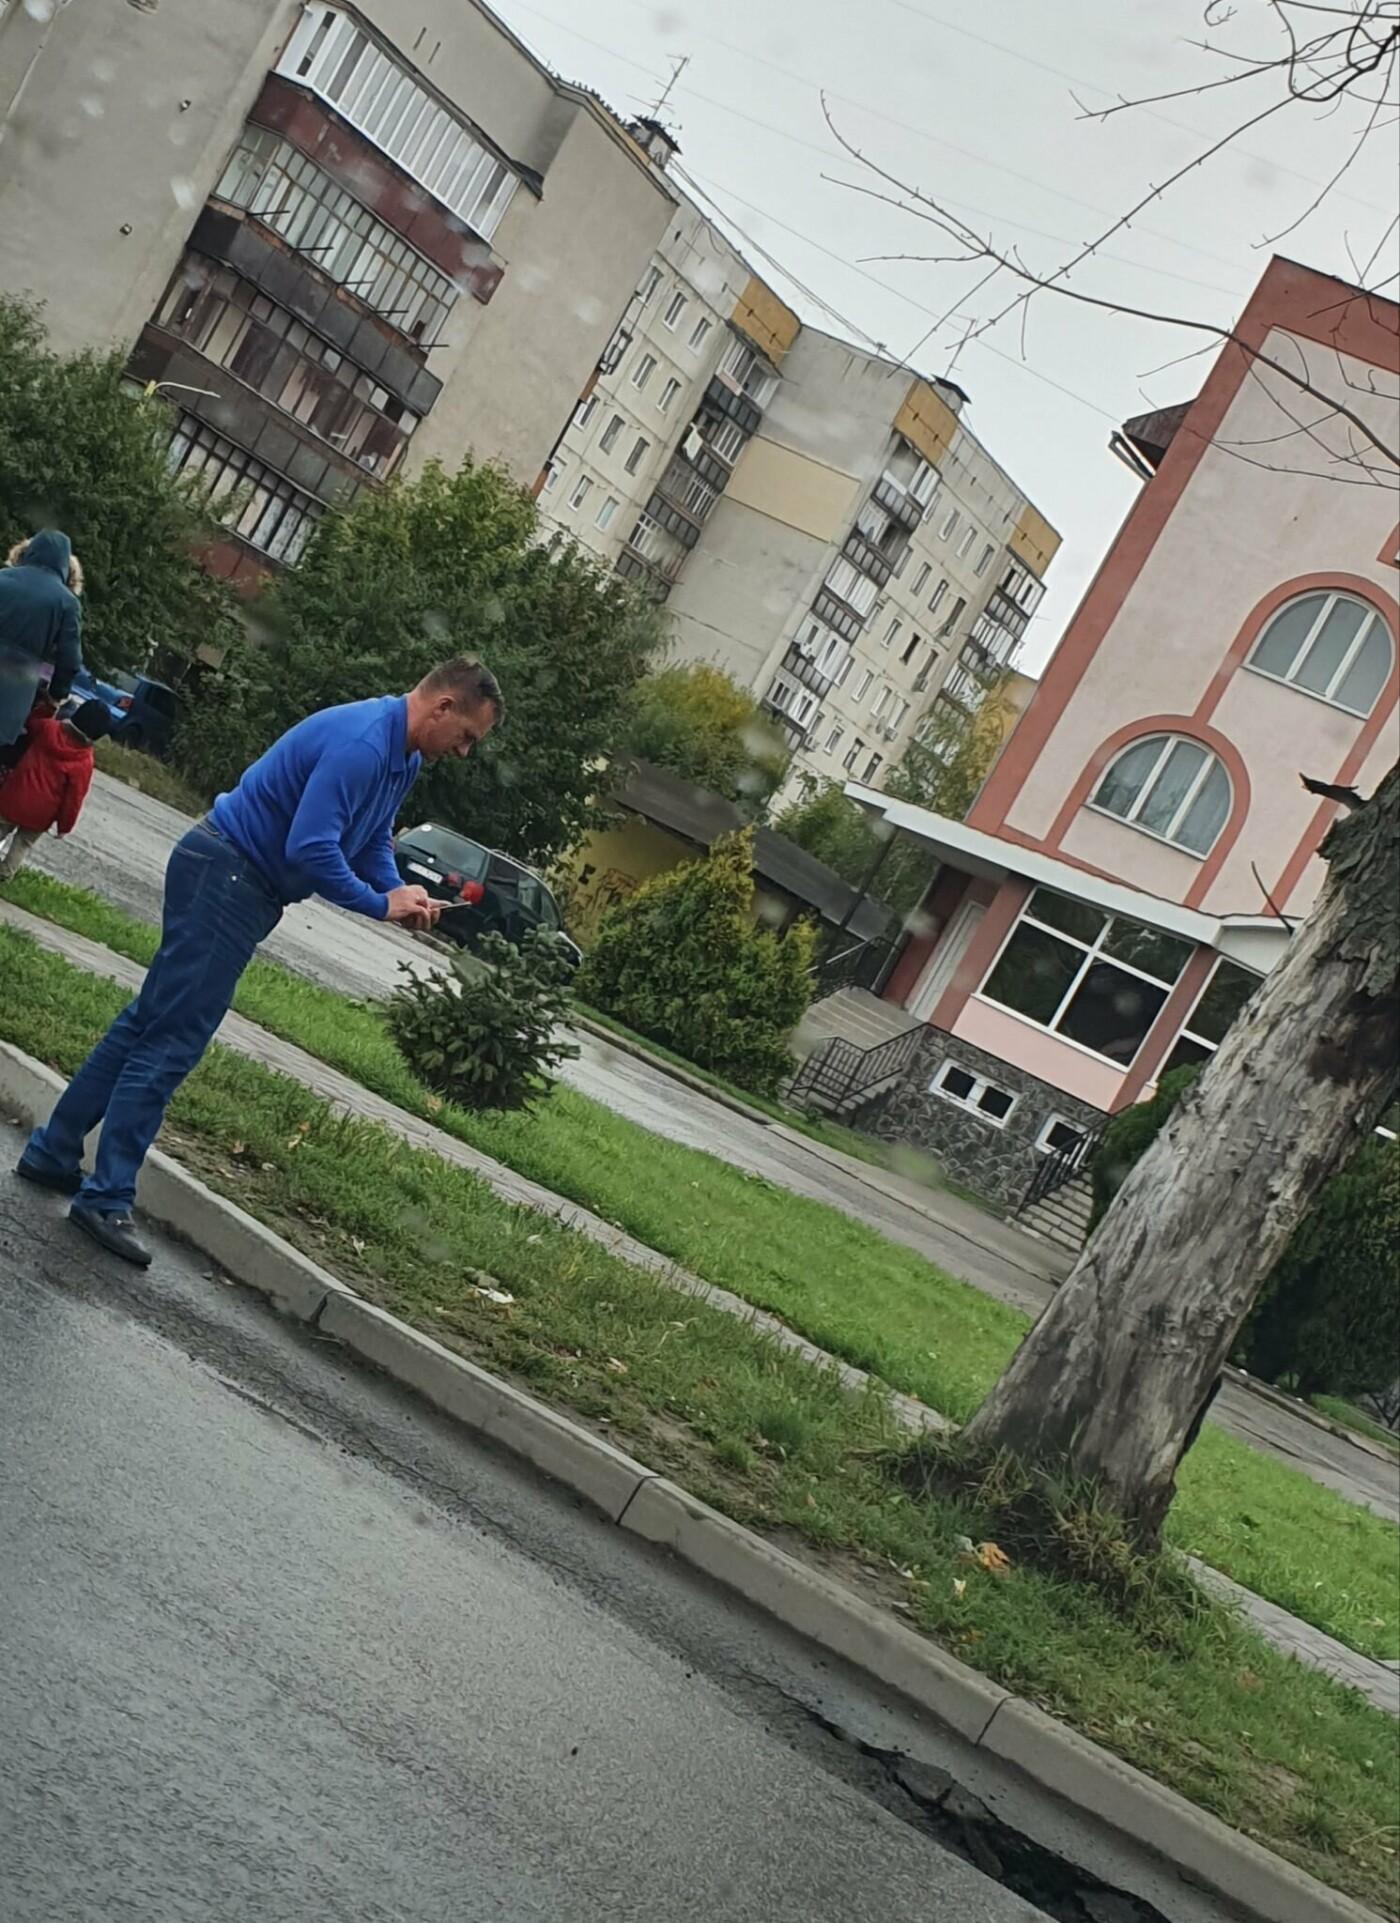 Мер Ужгорода грубо порушив правила дорожнього руху, щоб... сфотографувати яму на дорозі (ФОТОФАКТ), фото-2